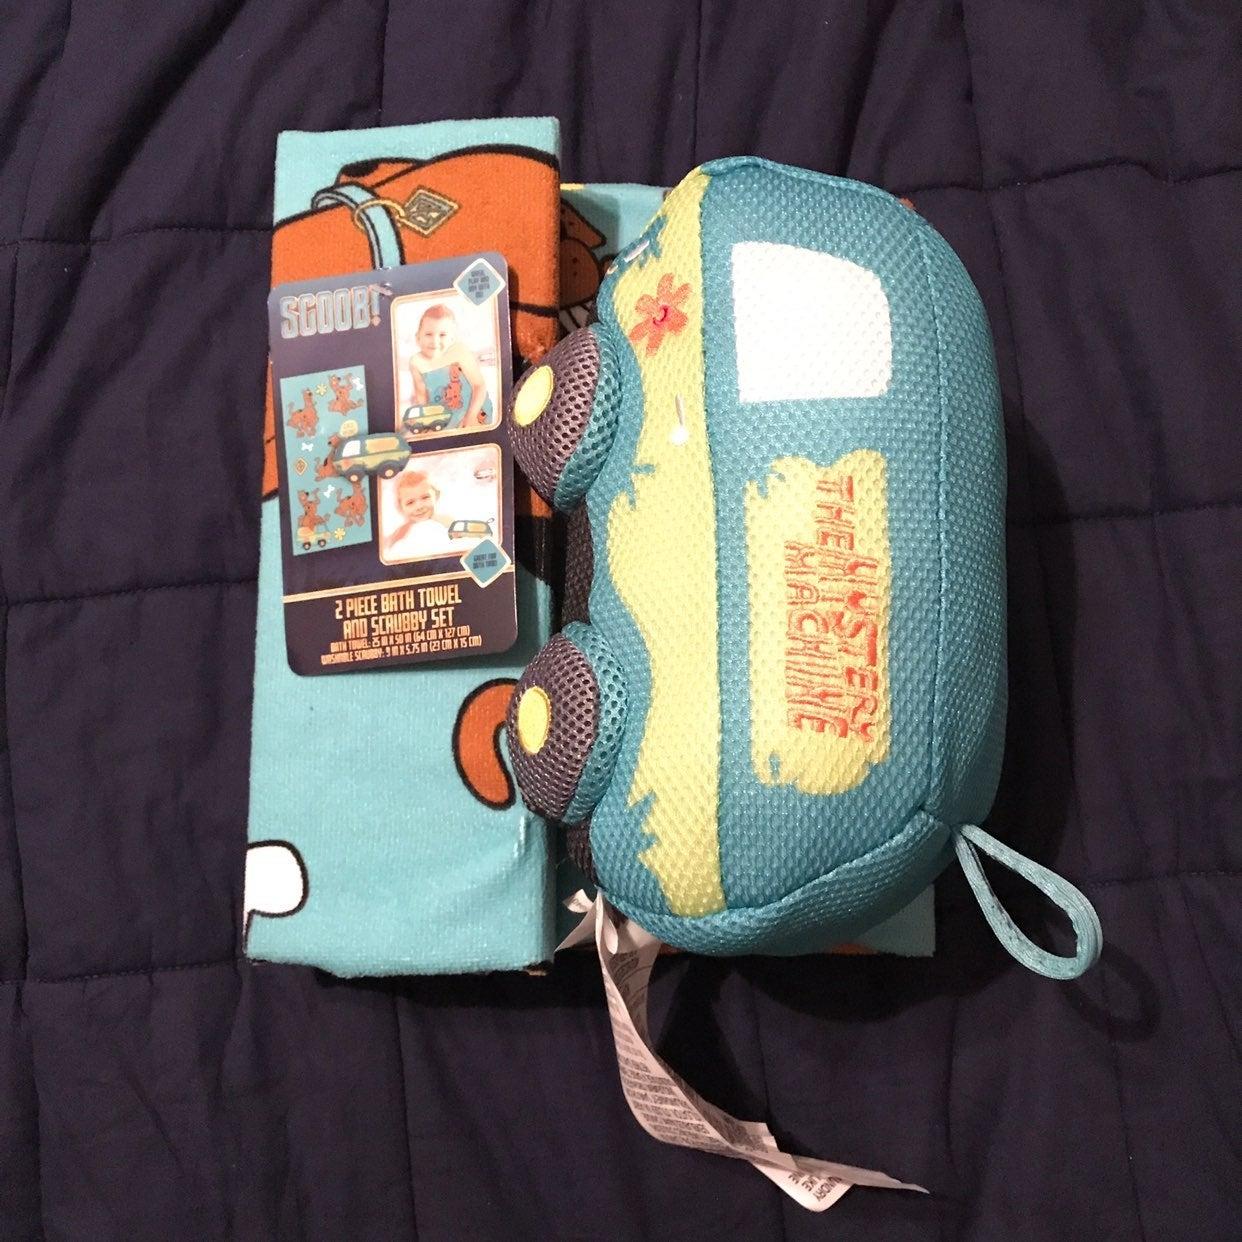 Scooby Doo Bath Towel & Scrubby Tub Toy